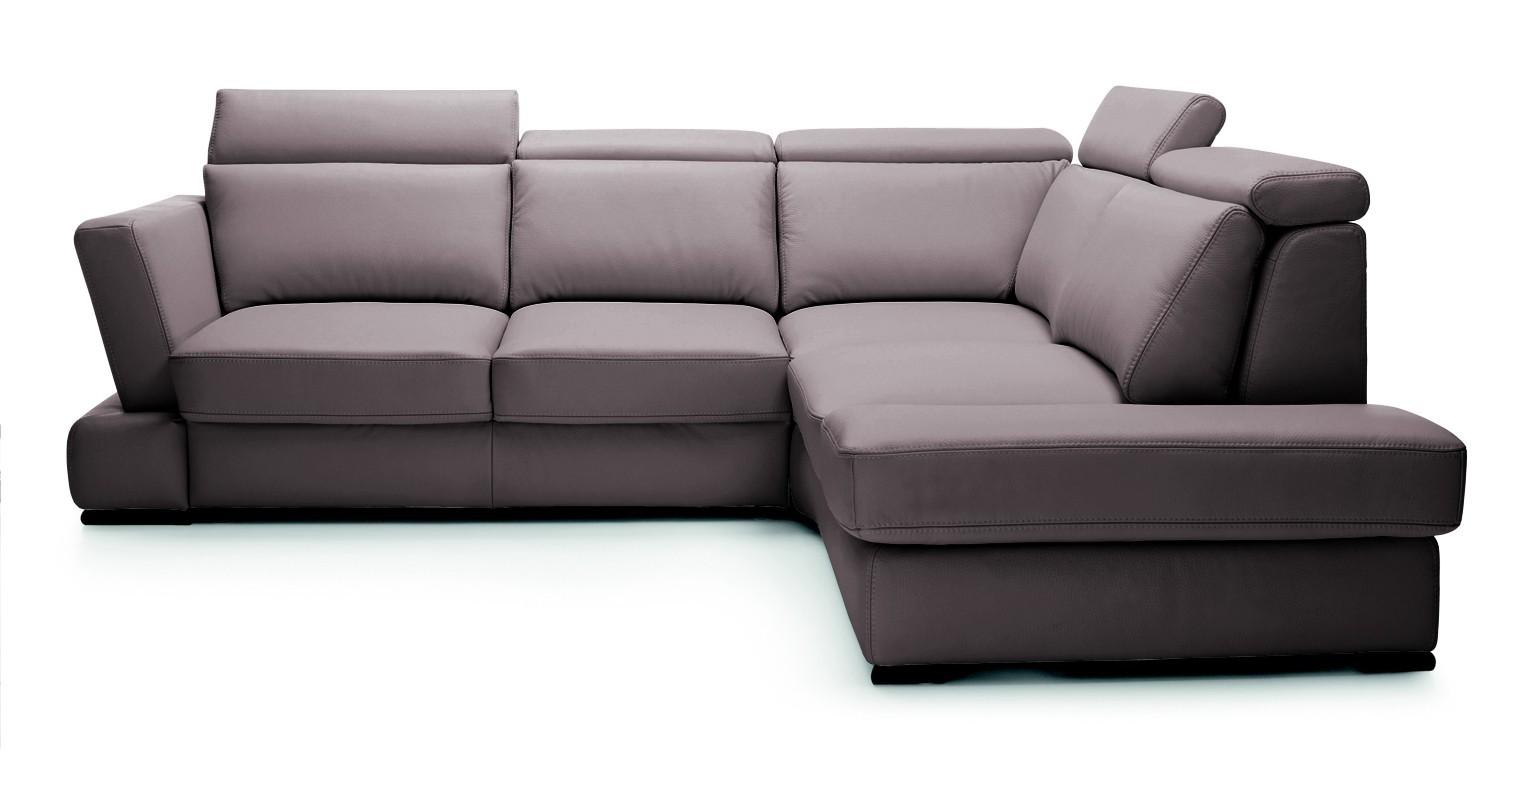 Rohová sedací souprava Rohová sedačka rozkládací Play pravý roh, 2FL-OTMDIIP (eko kůže)